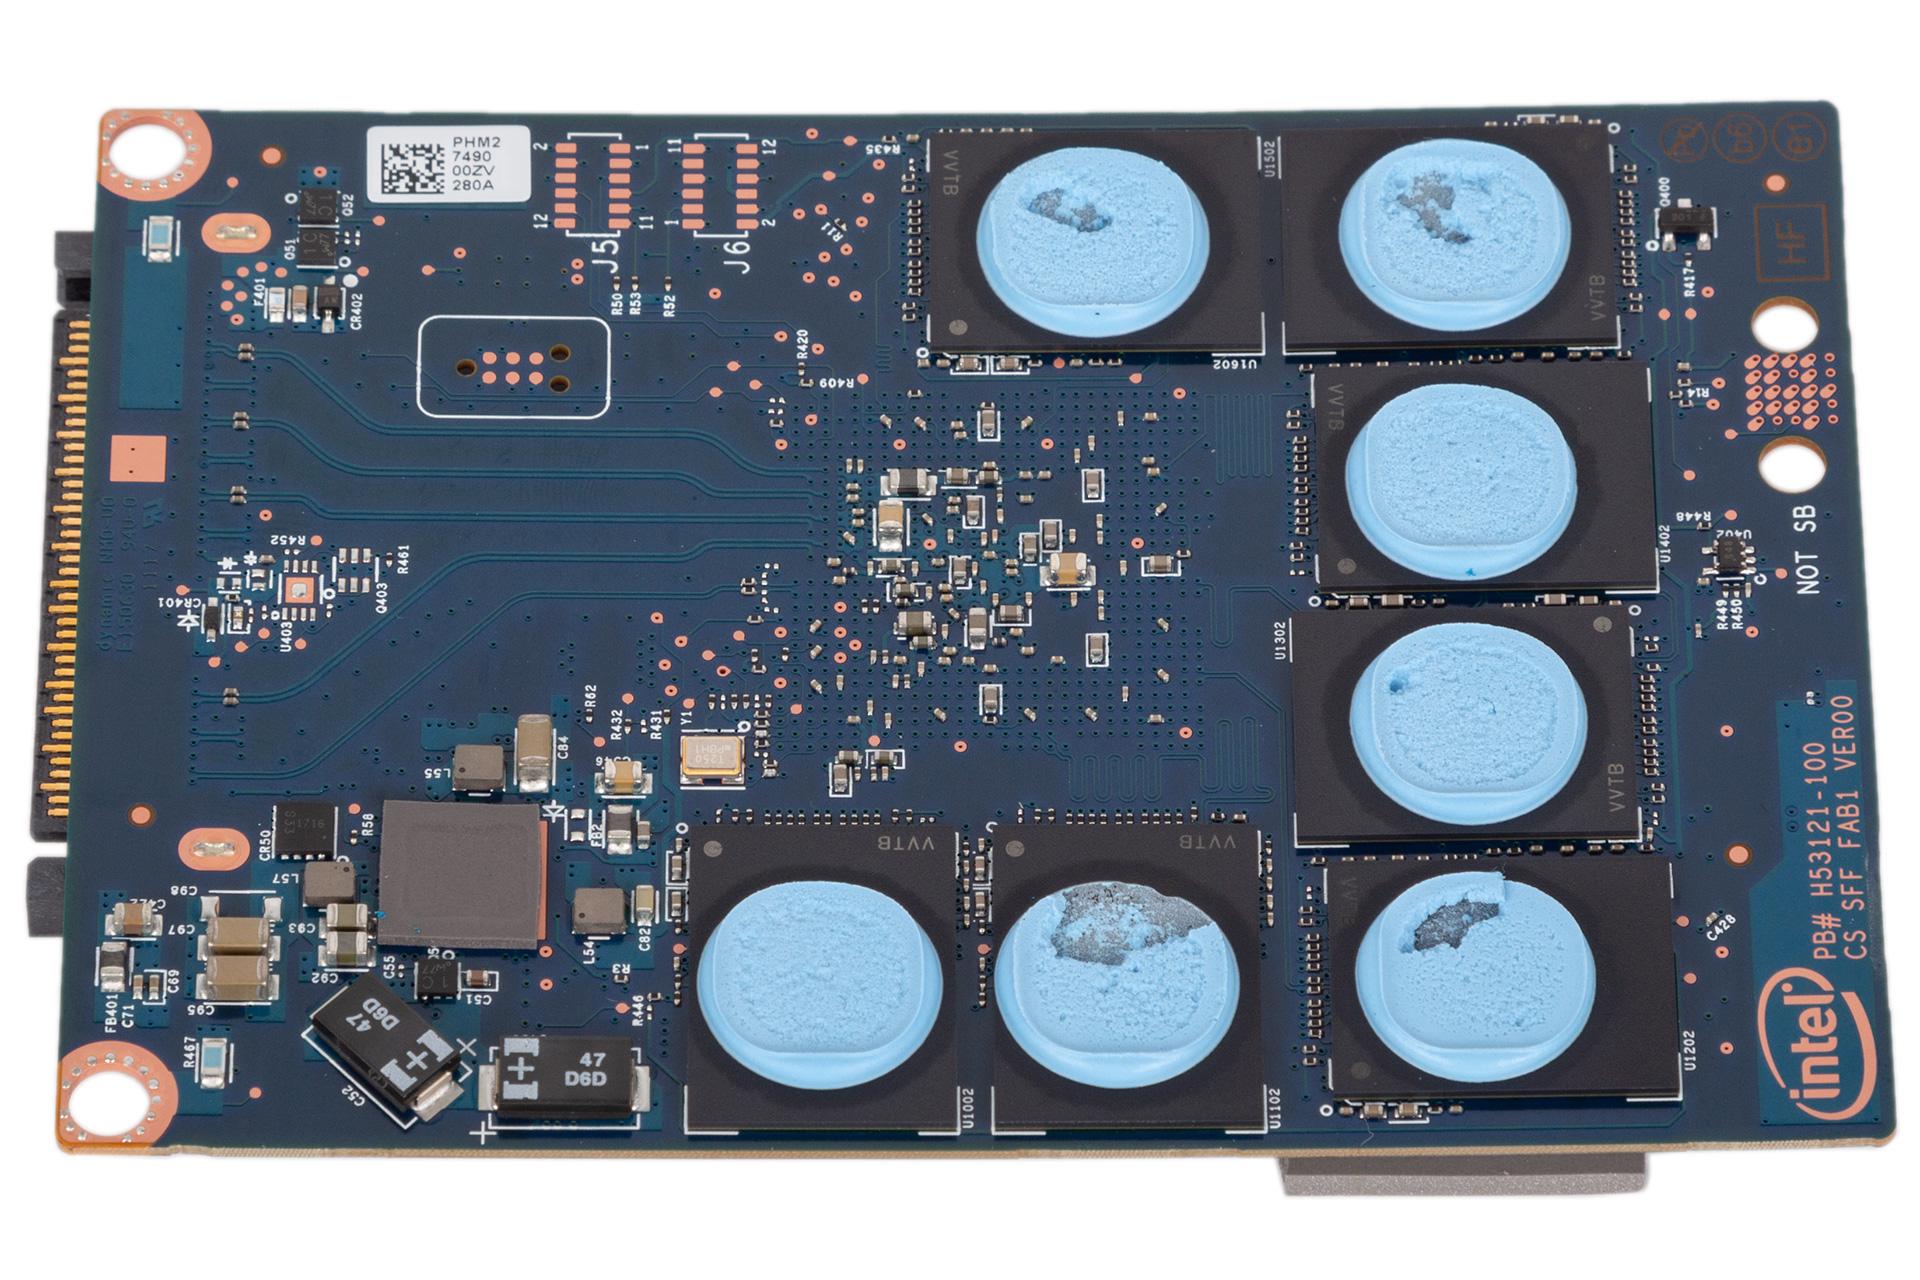 Intel Optane SSD 900P 280GB Review | bit-tech net